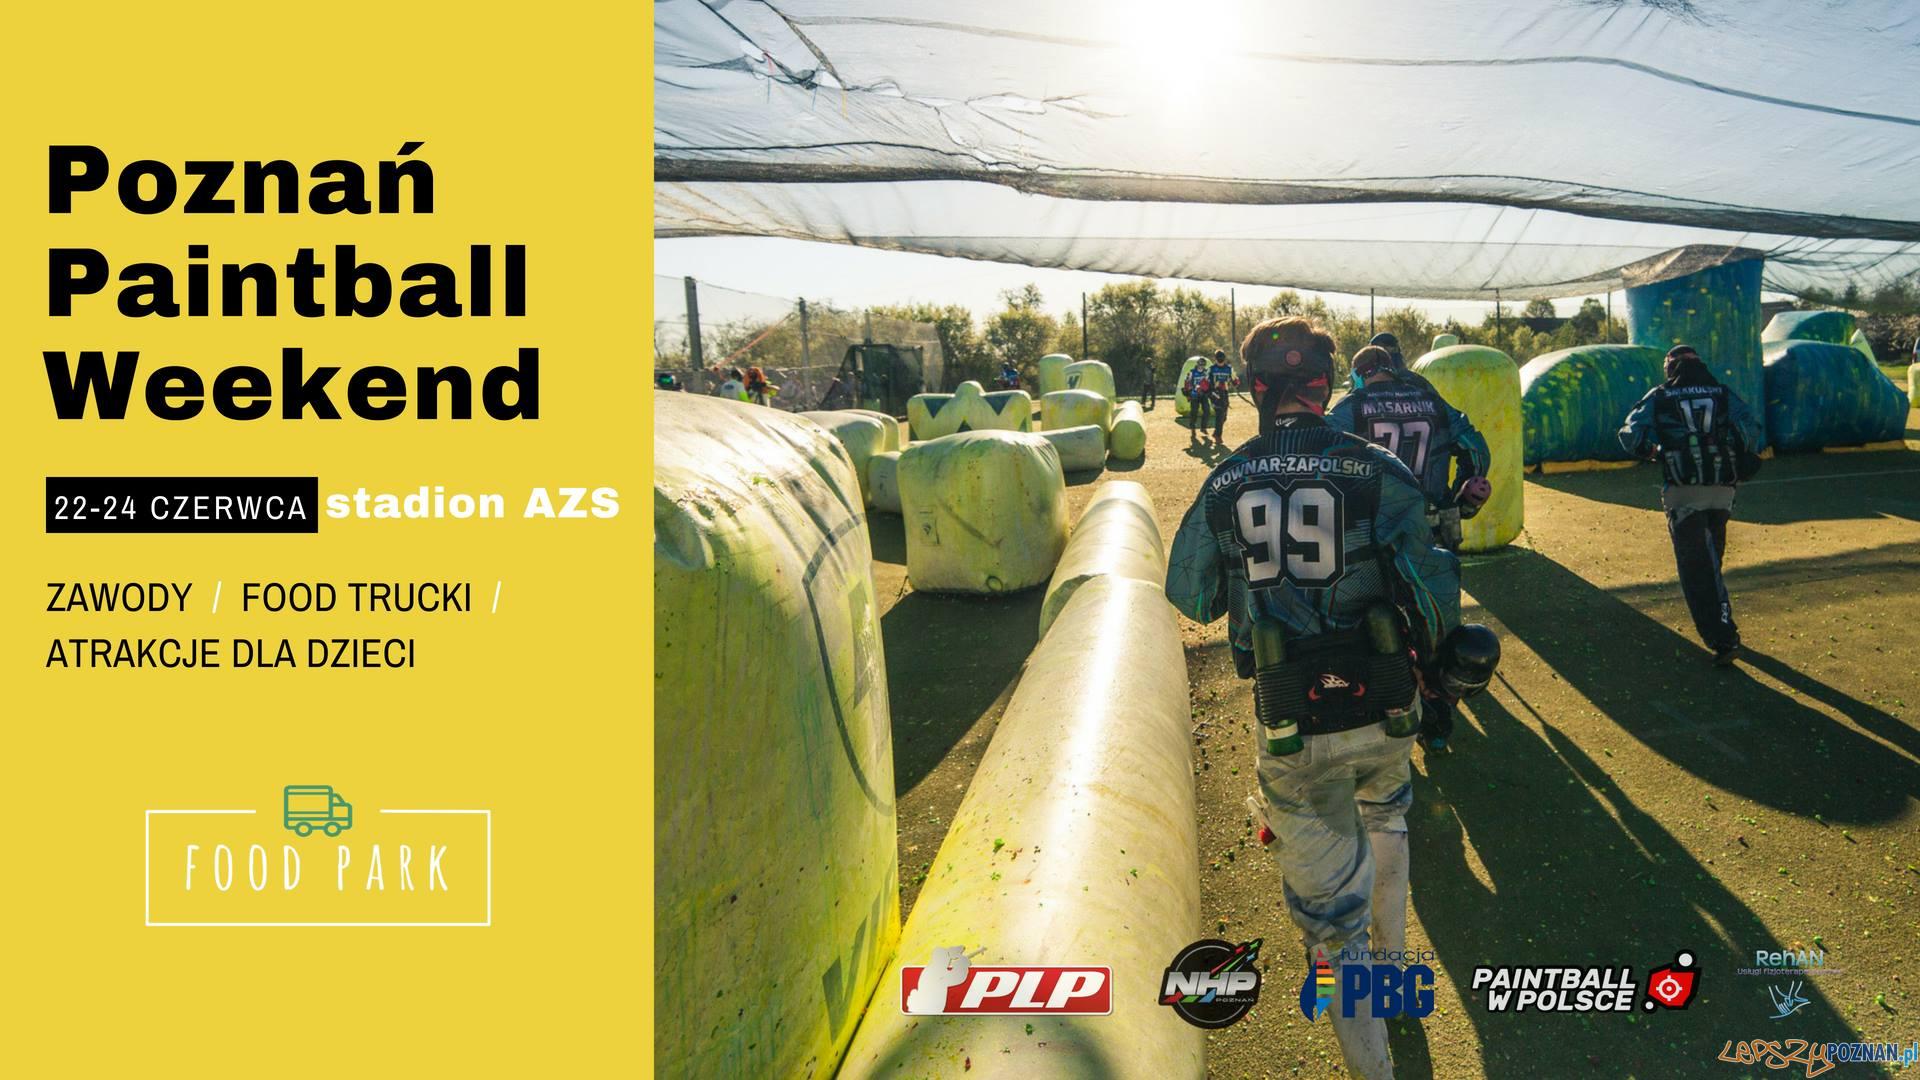 Poznań Paintball Weekend  Foto: materiały prasowe